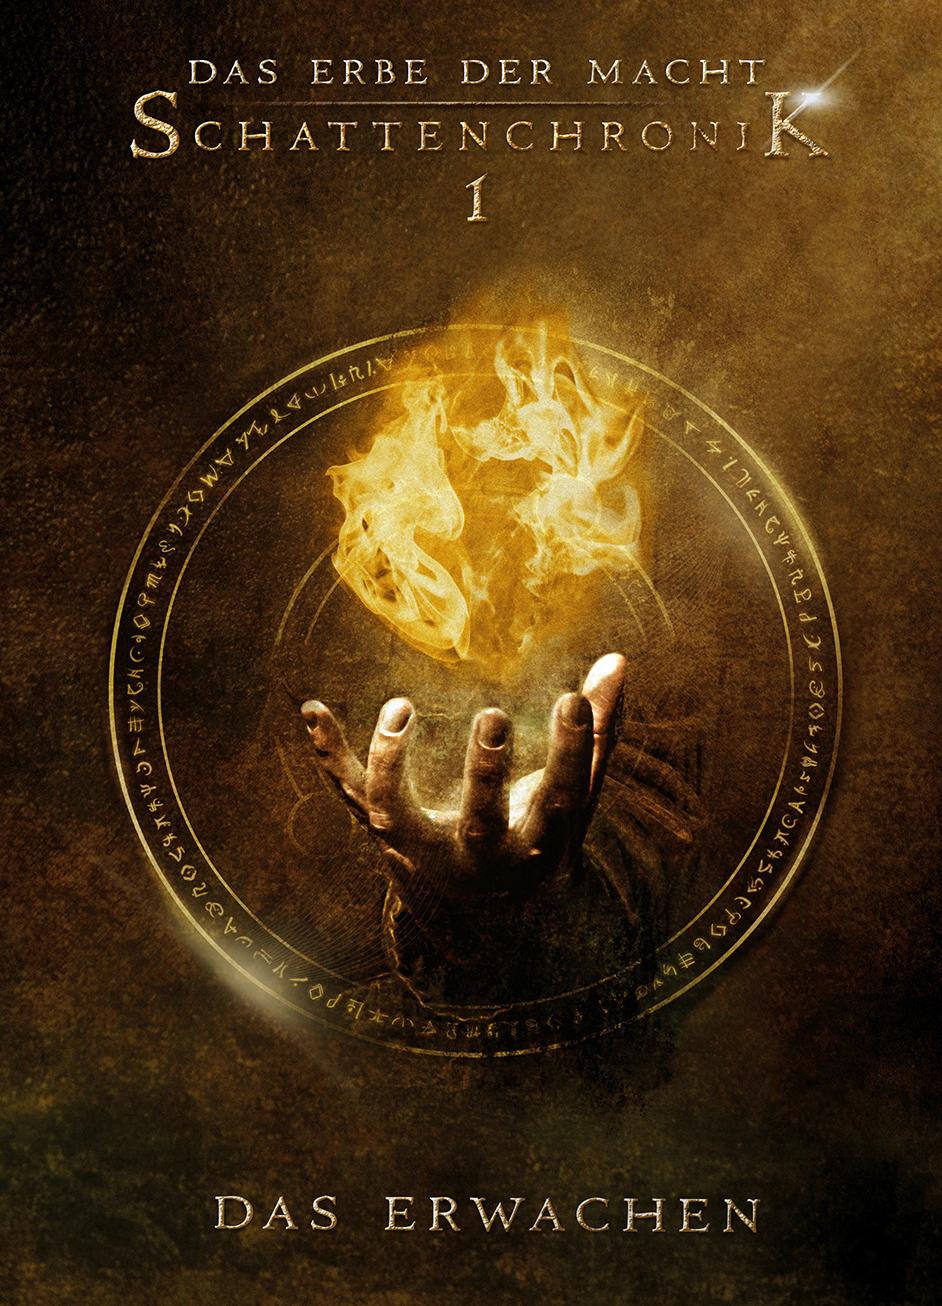 Das Erbe der Macht - Schattenchronik 1: Das Erwachen von Andreas Suchanek